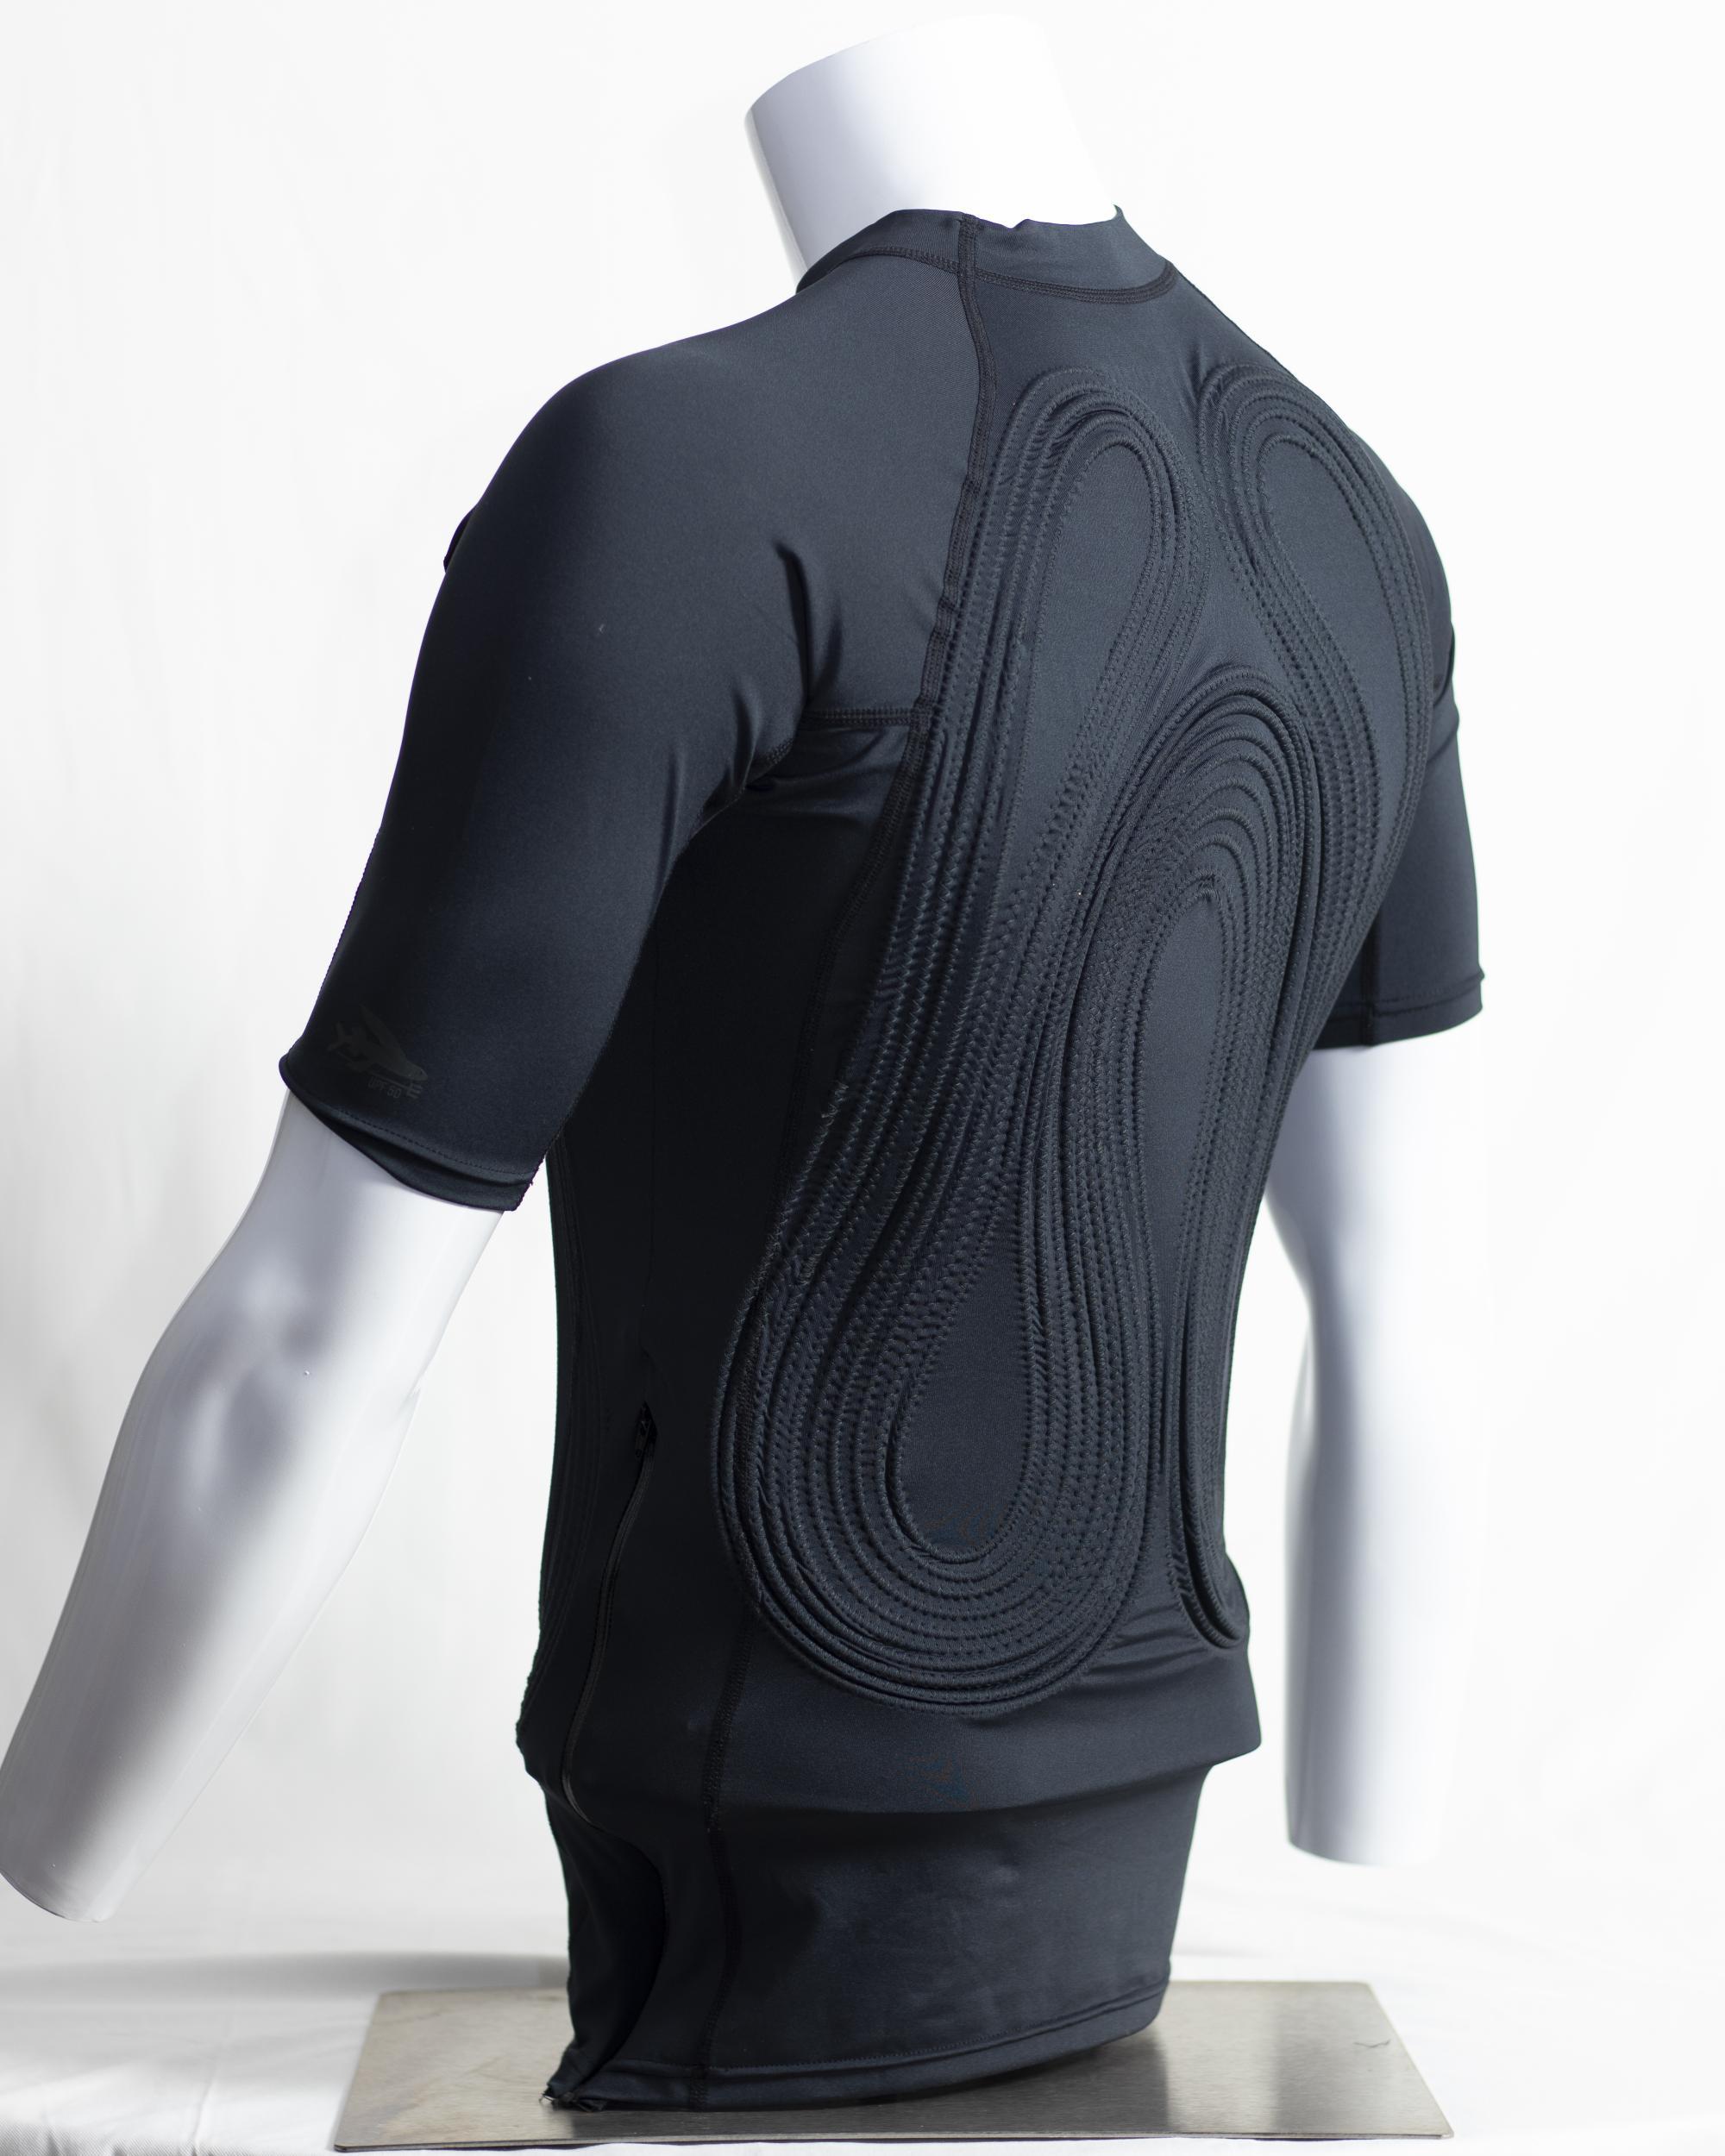 super cool vest back